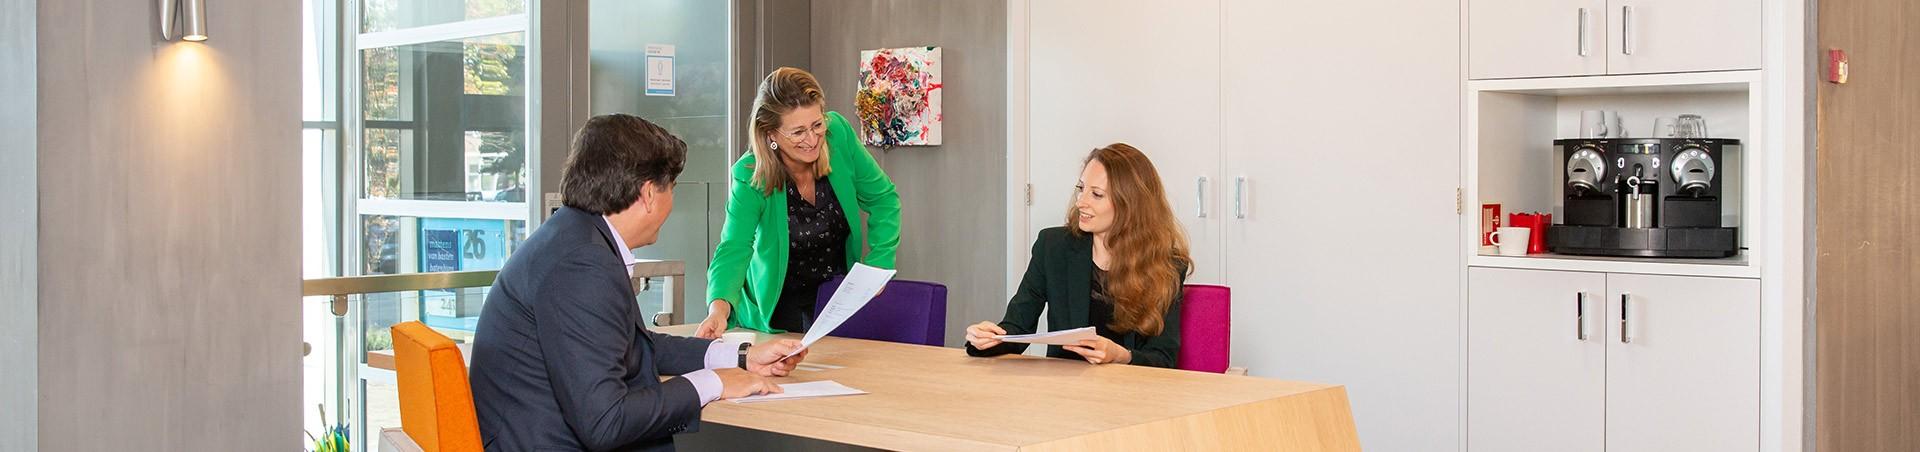 Onze Bestuursrecht advocaten op kantoor in Den Haag